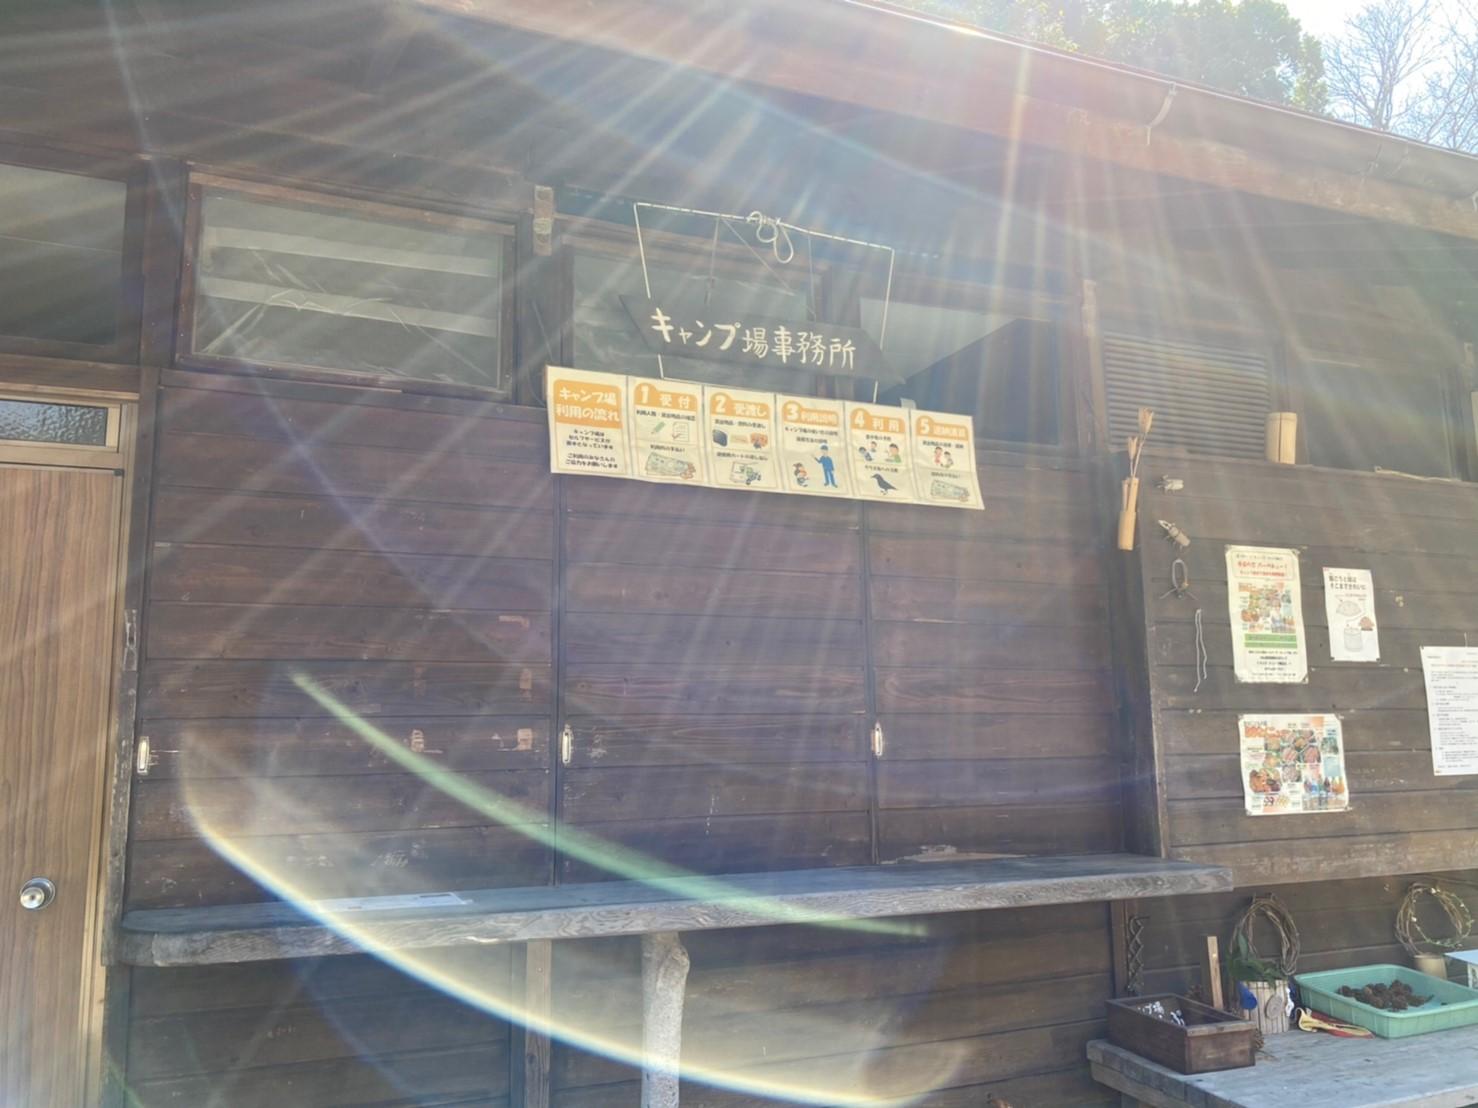 【ファミリーにおすすめ!愛知県】『愛知こどもの国 キャンプ場』の情報まとめ(駐車場・トイレ)